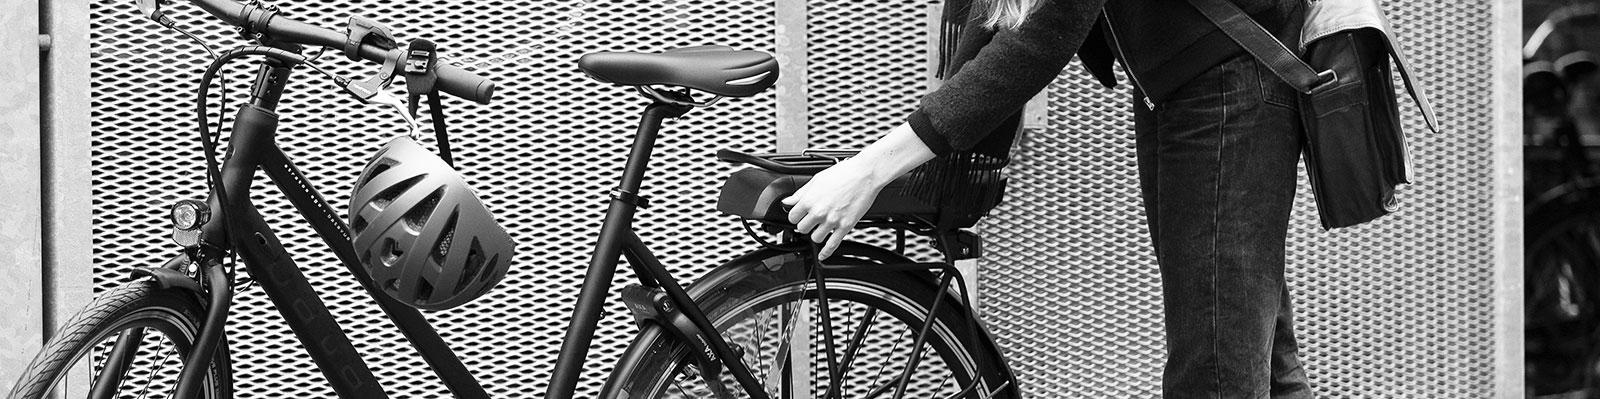 Kort over ladestationer til el-cykel